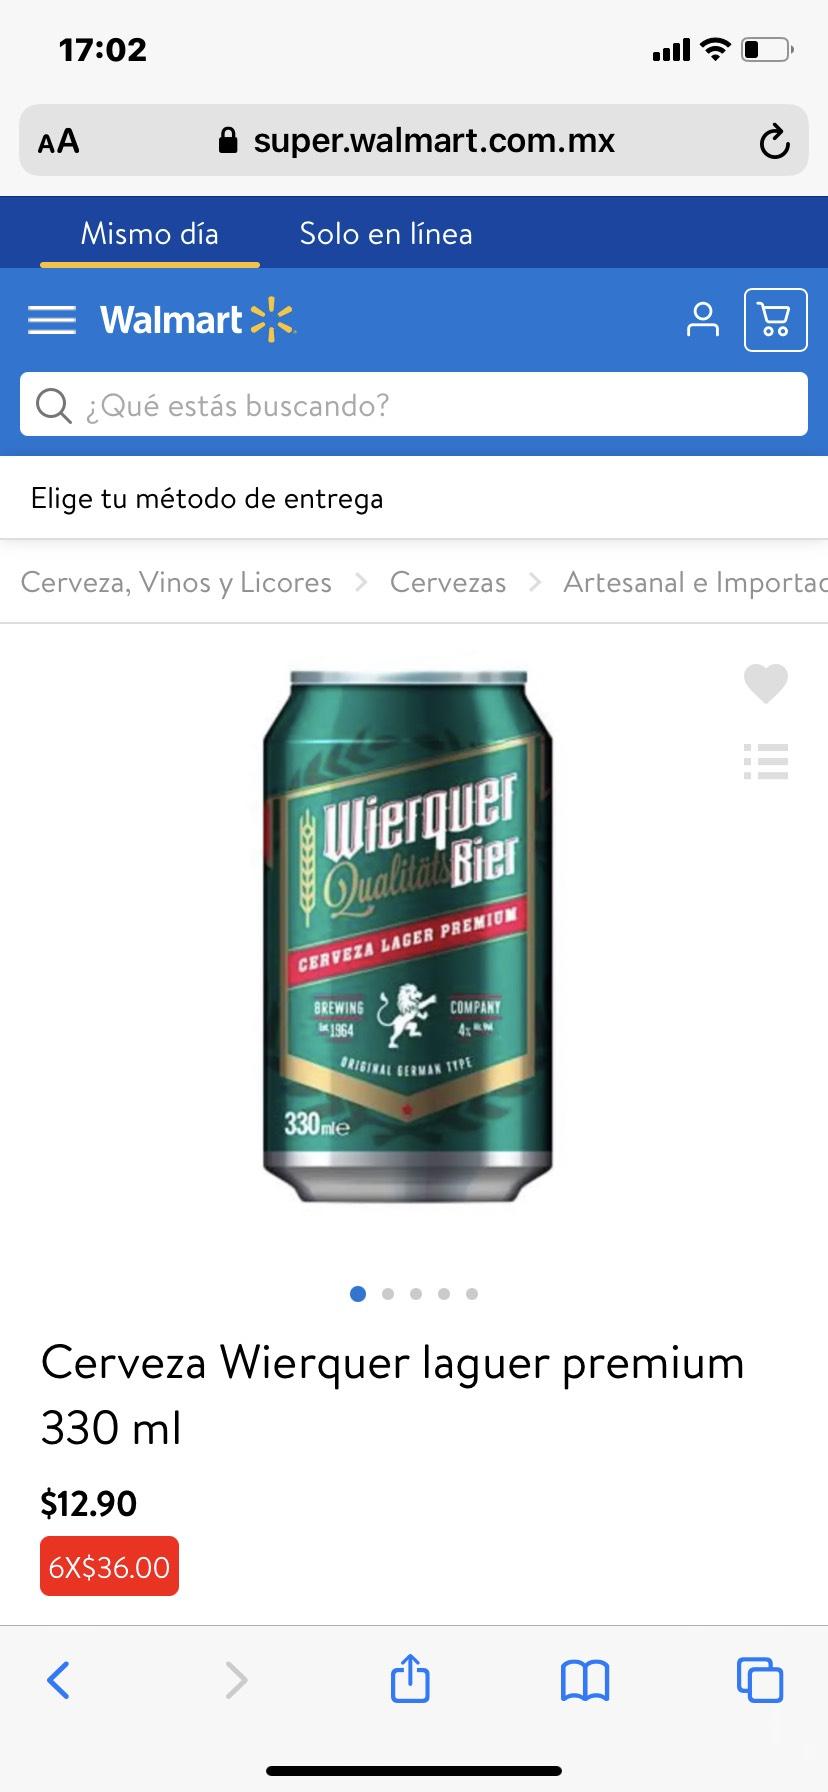 Walmart: Cerveza Wierquer laguer premium 330 ml